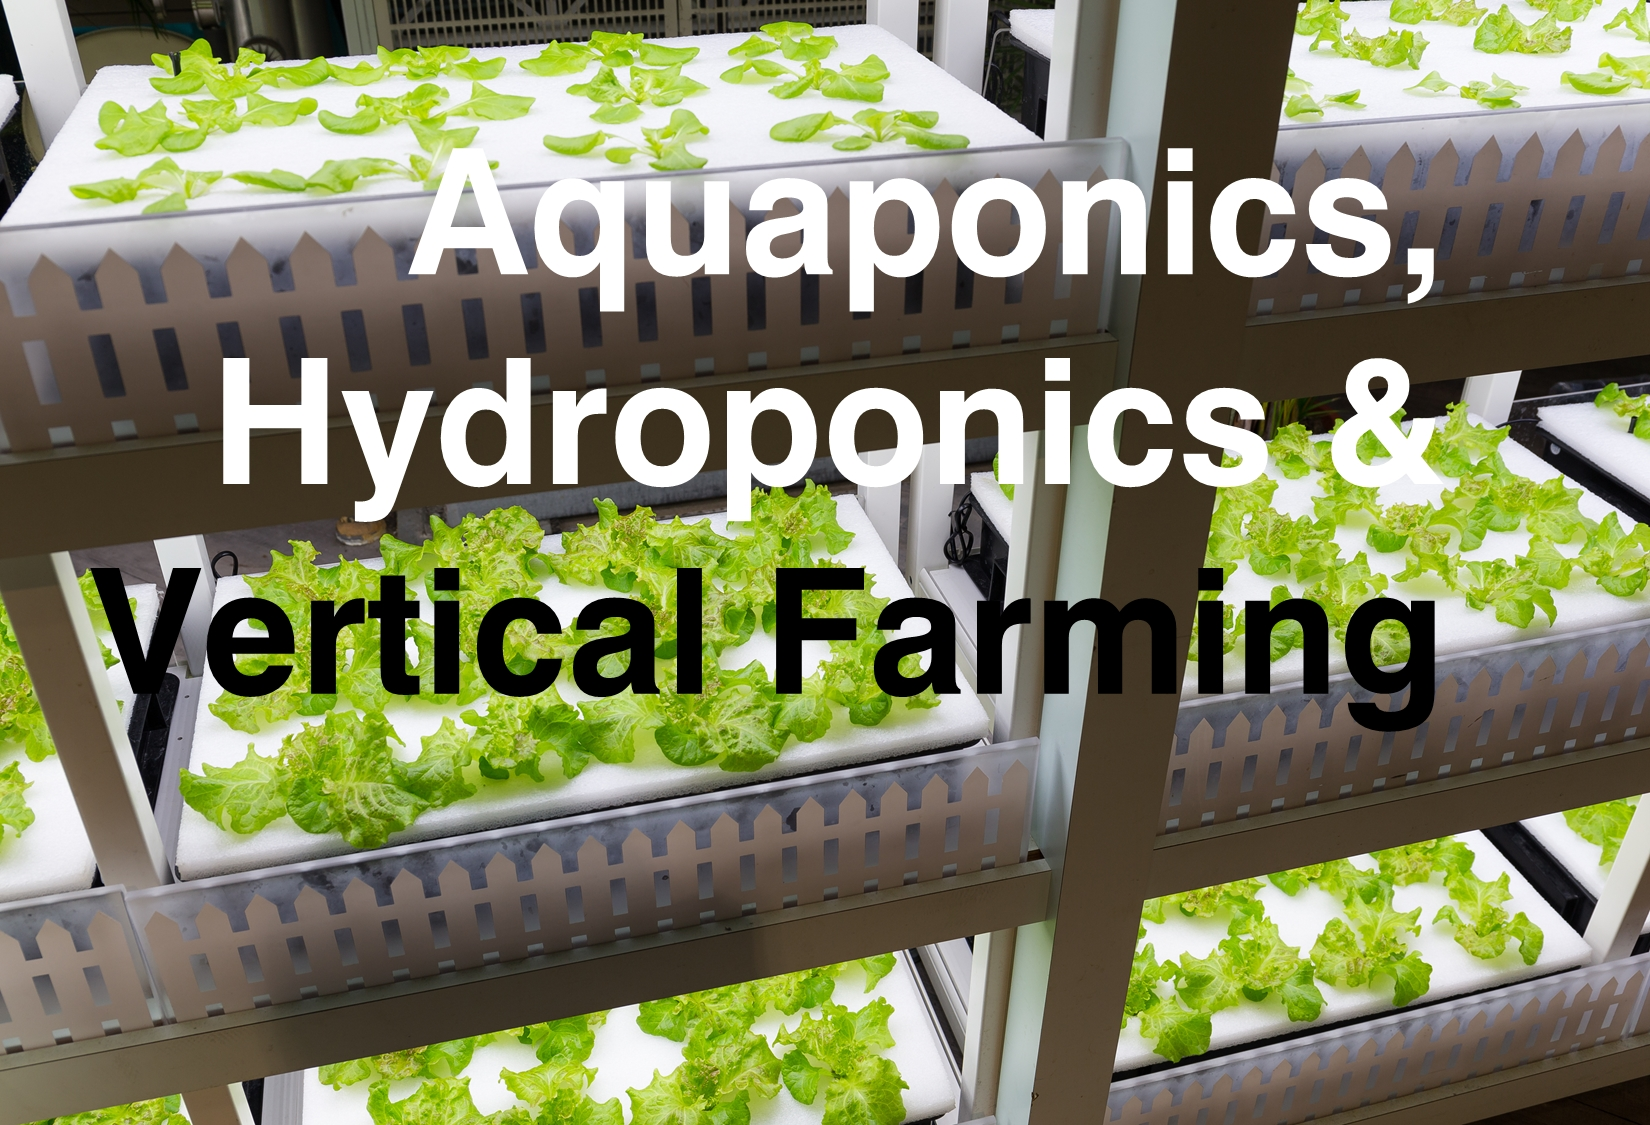 Aquaponics - Vertical Farming